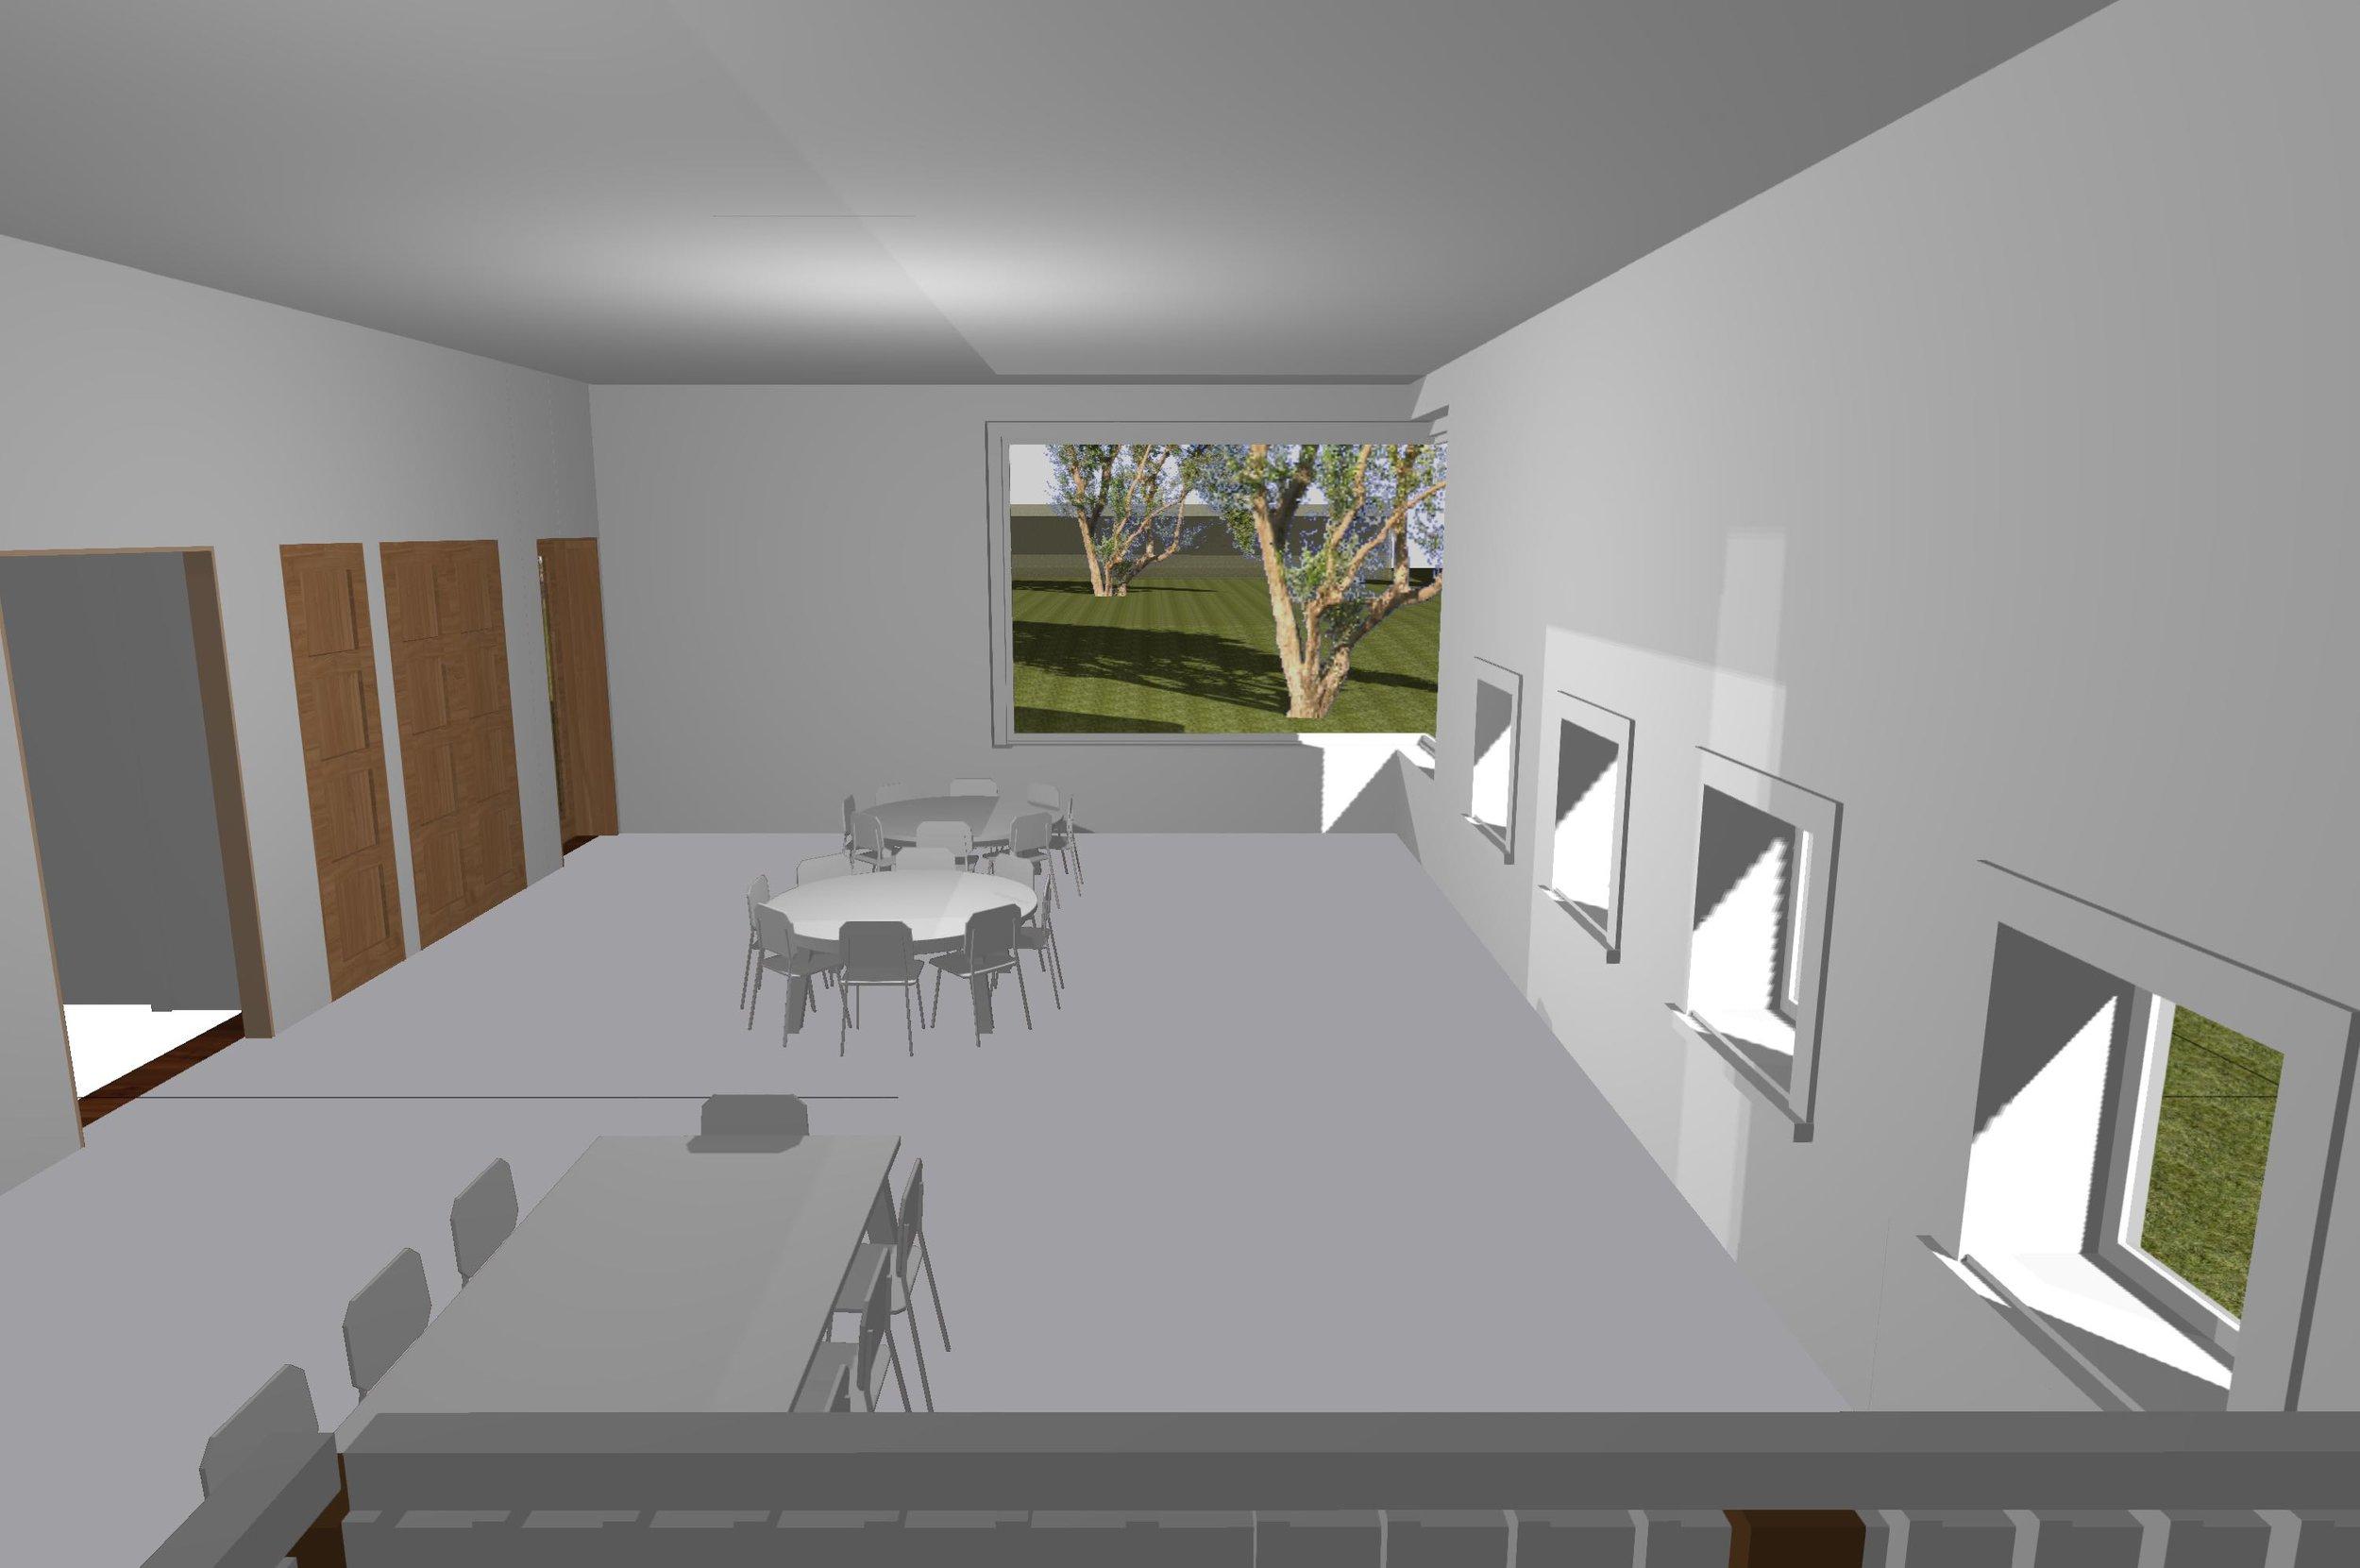 BARD NURSERY SCHOOL new classroom v4.jpg